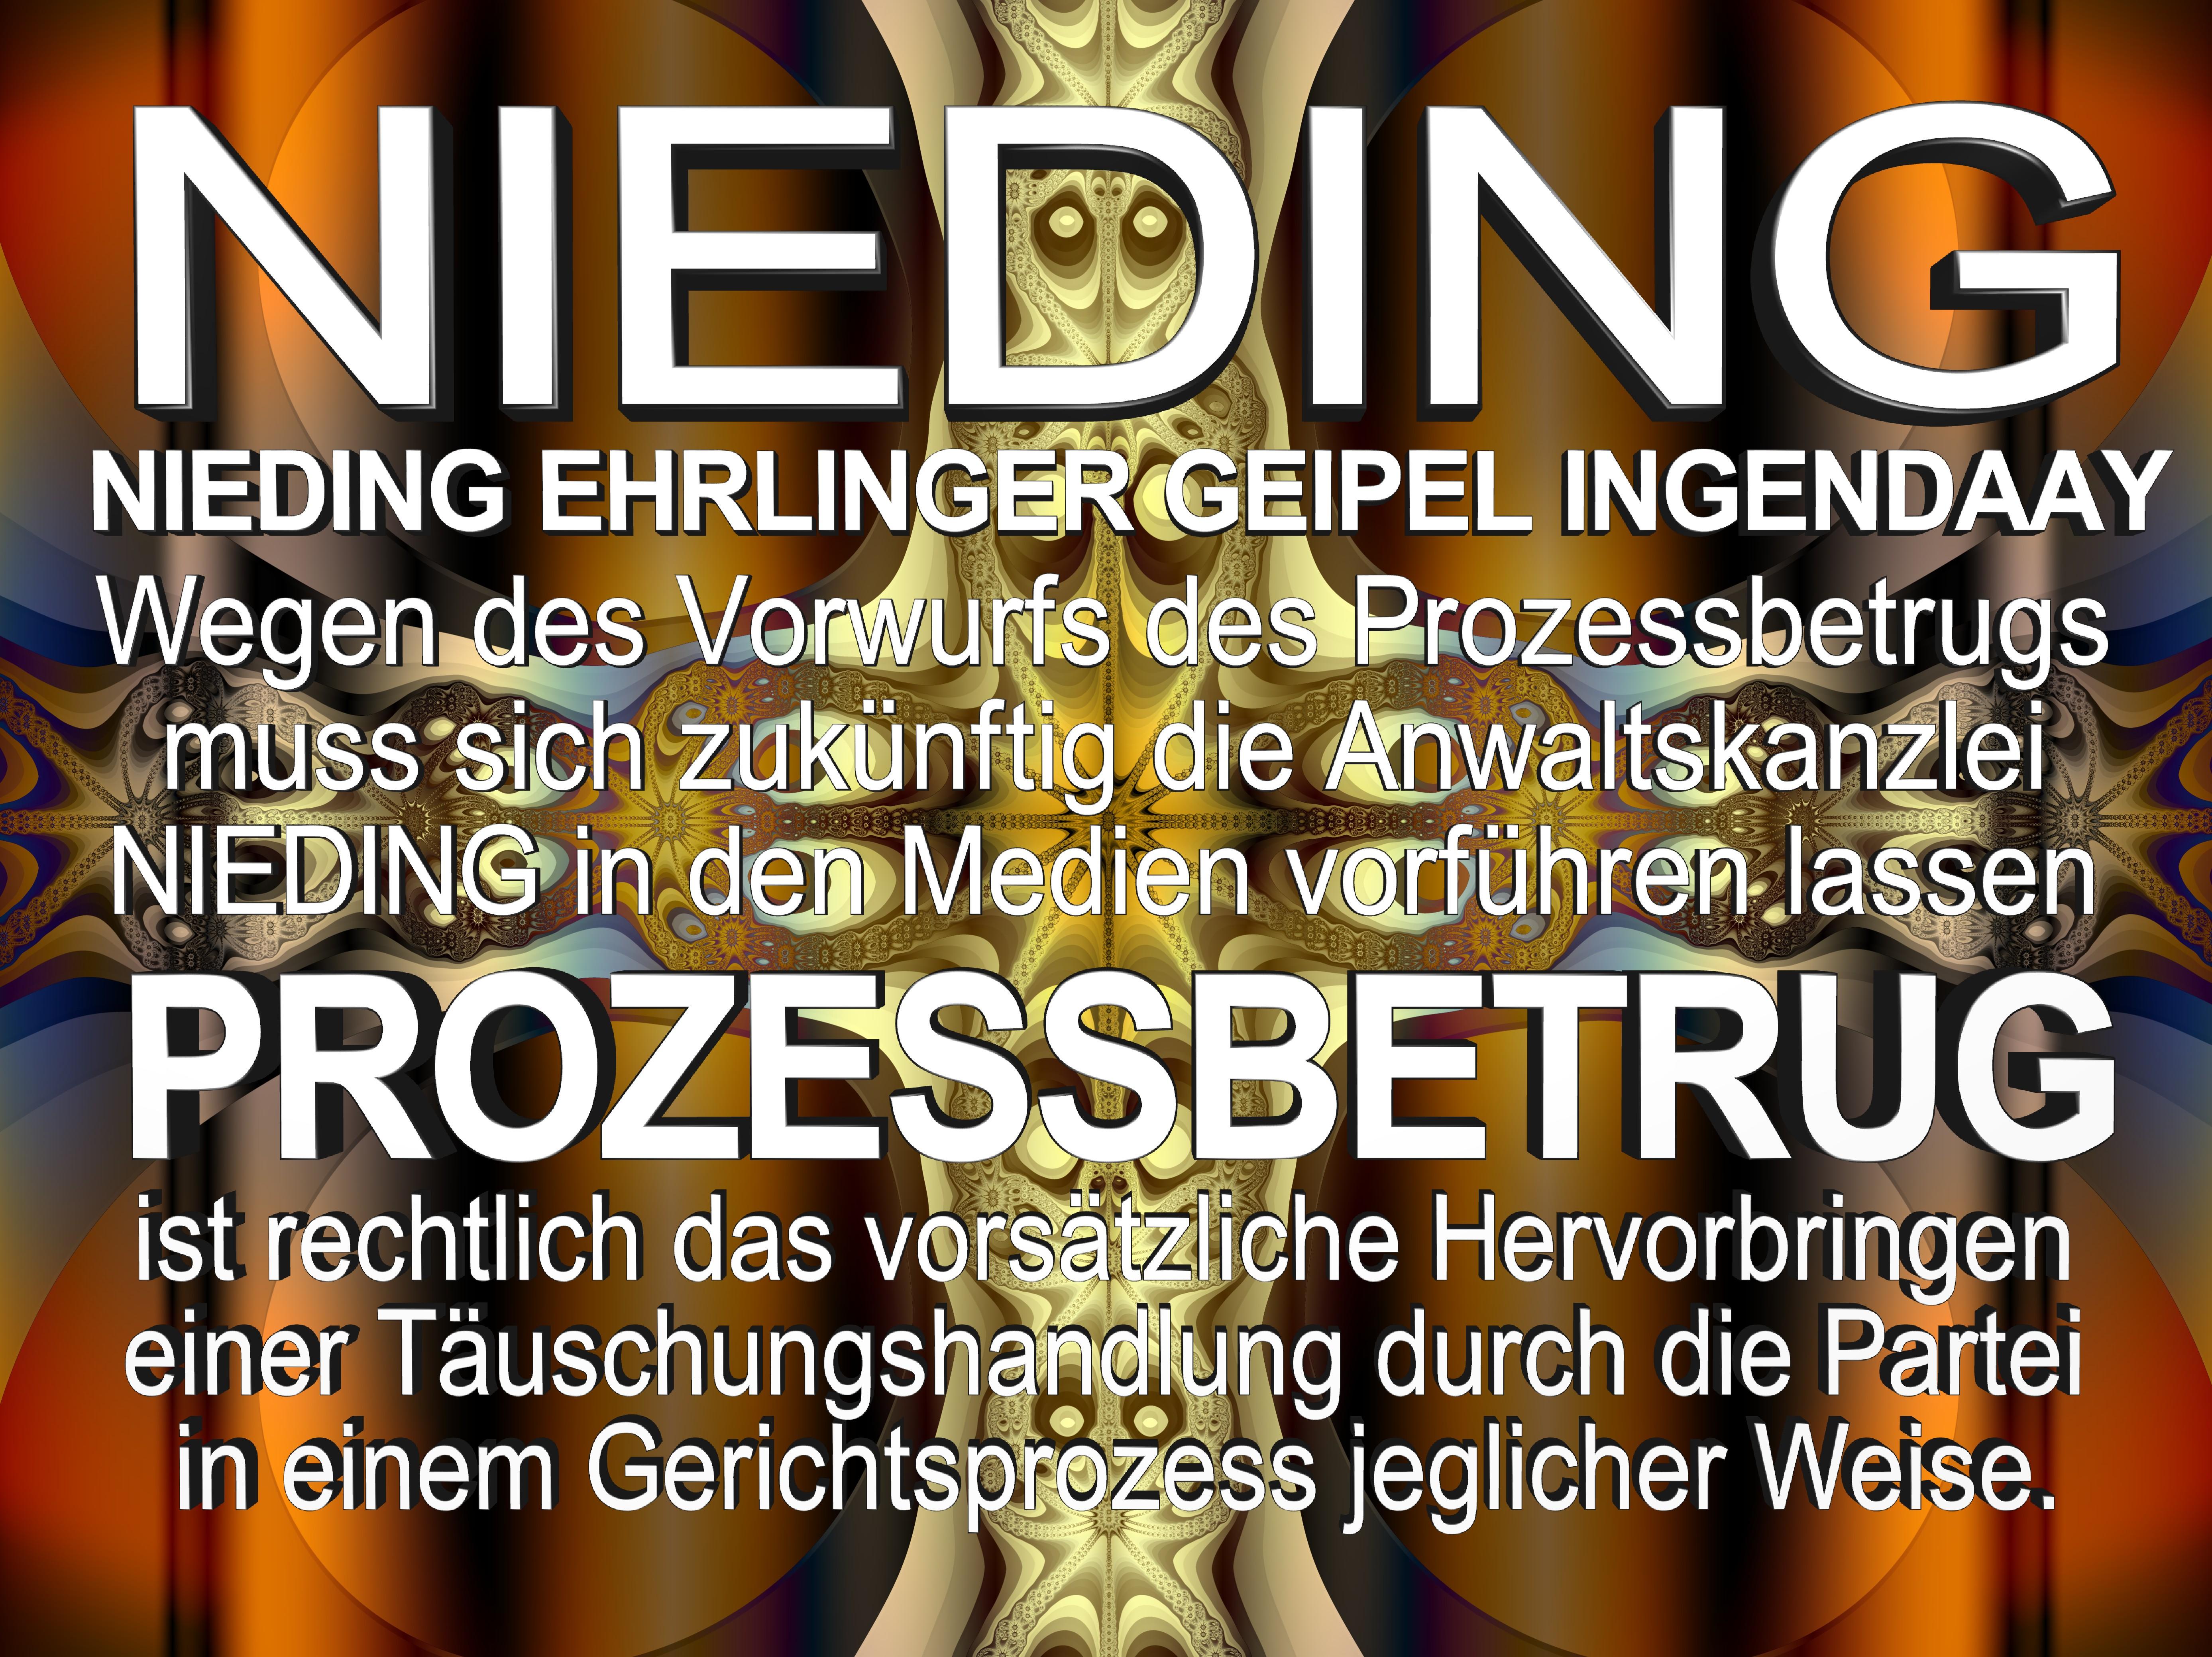 NIEDING EHRLINGER GEIPEL INGENDAAY LELKE Kurfürstendamm 66 Berlin (34)